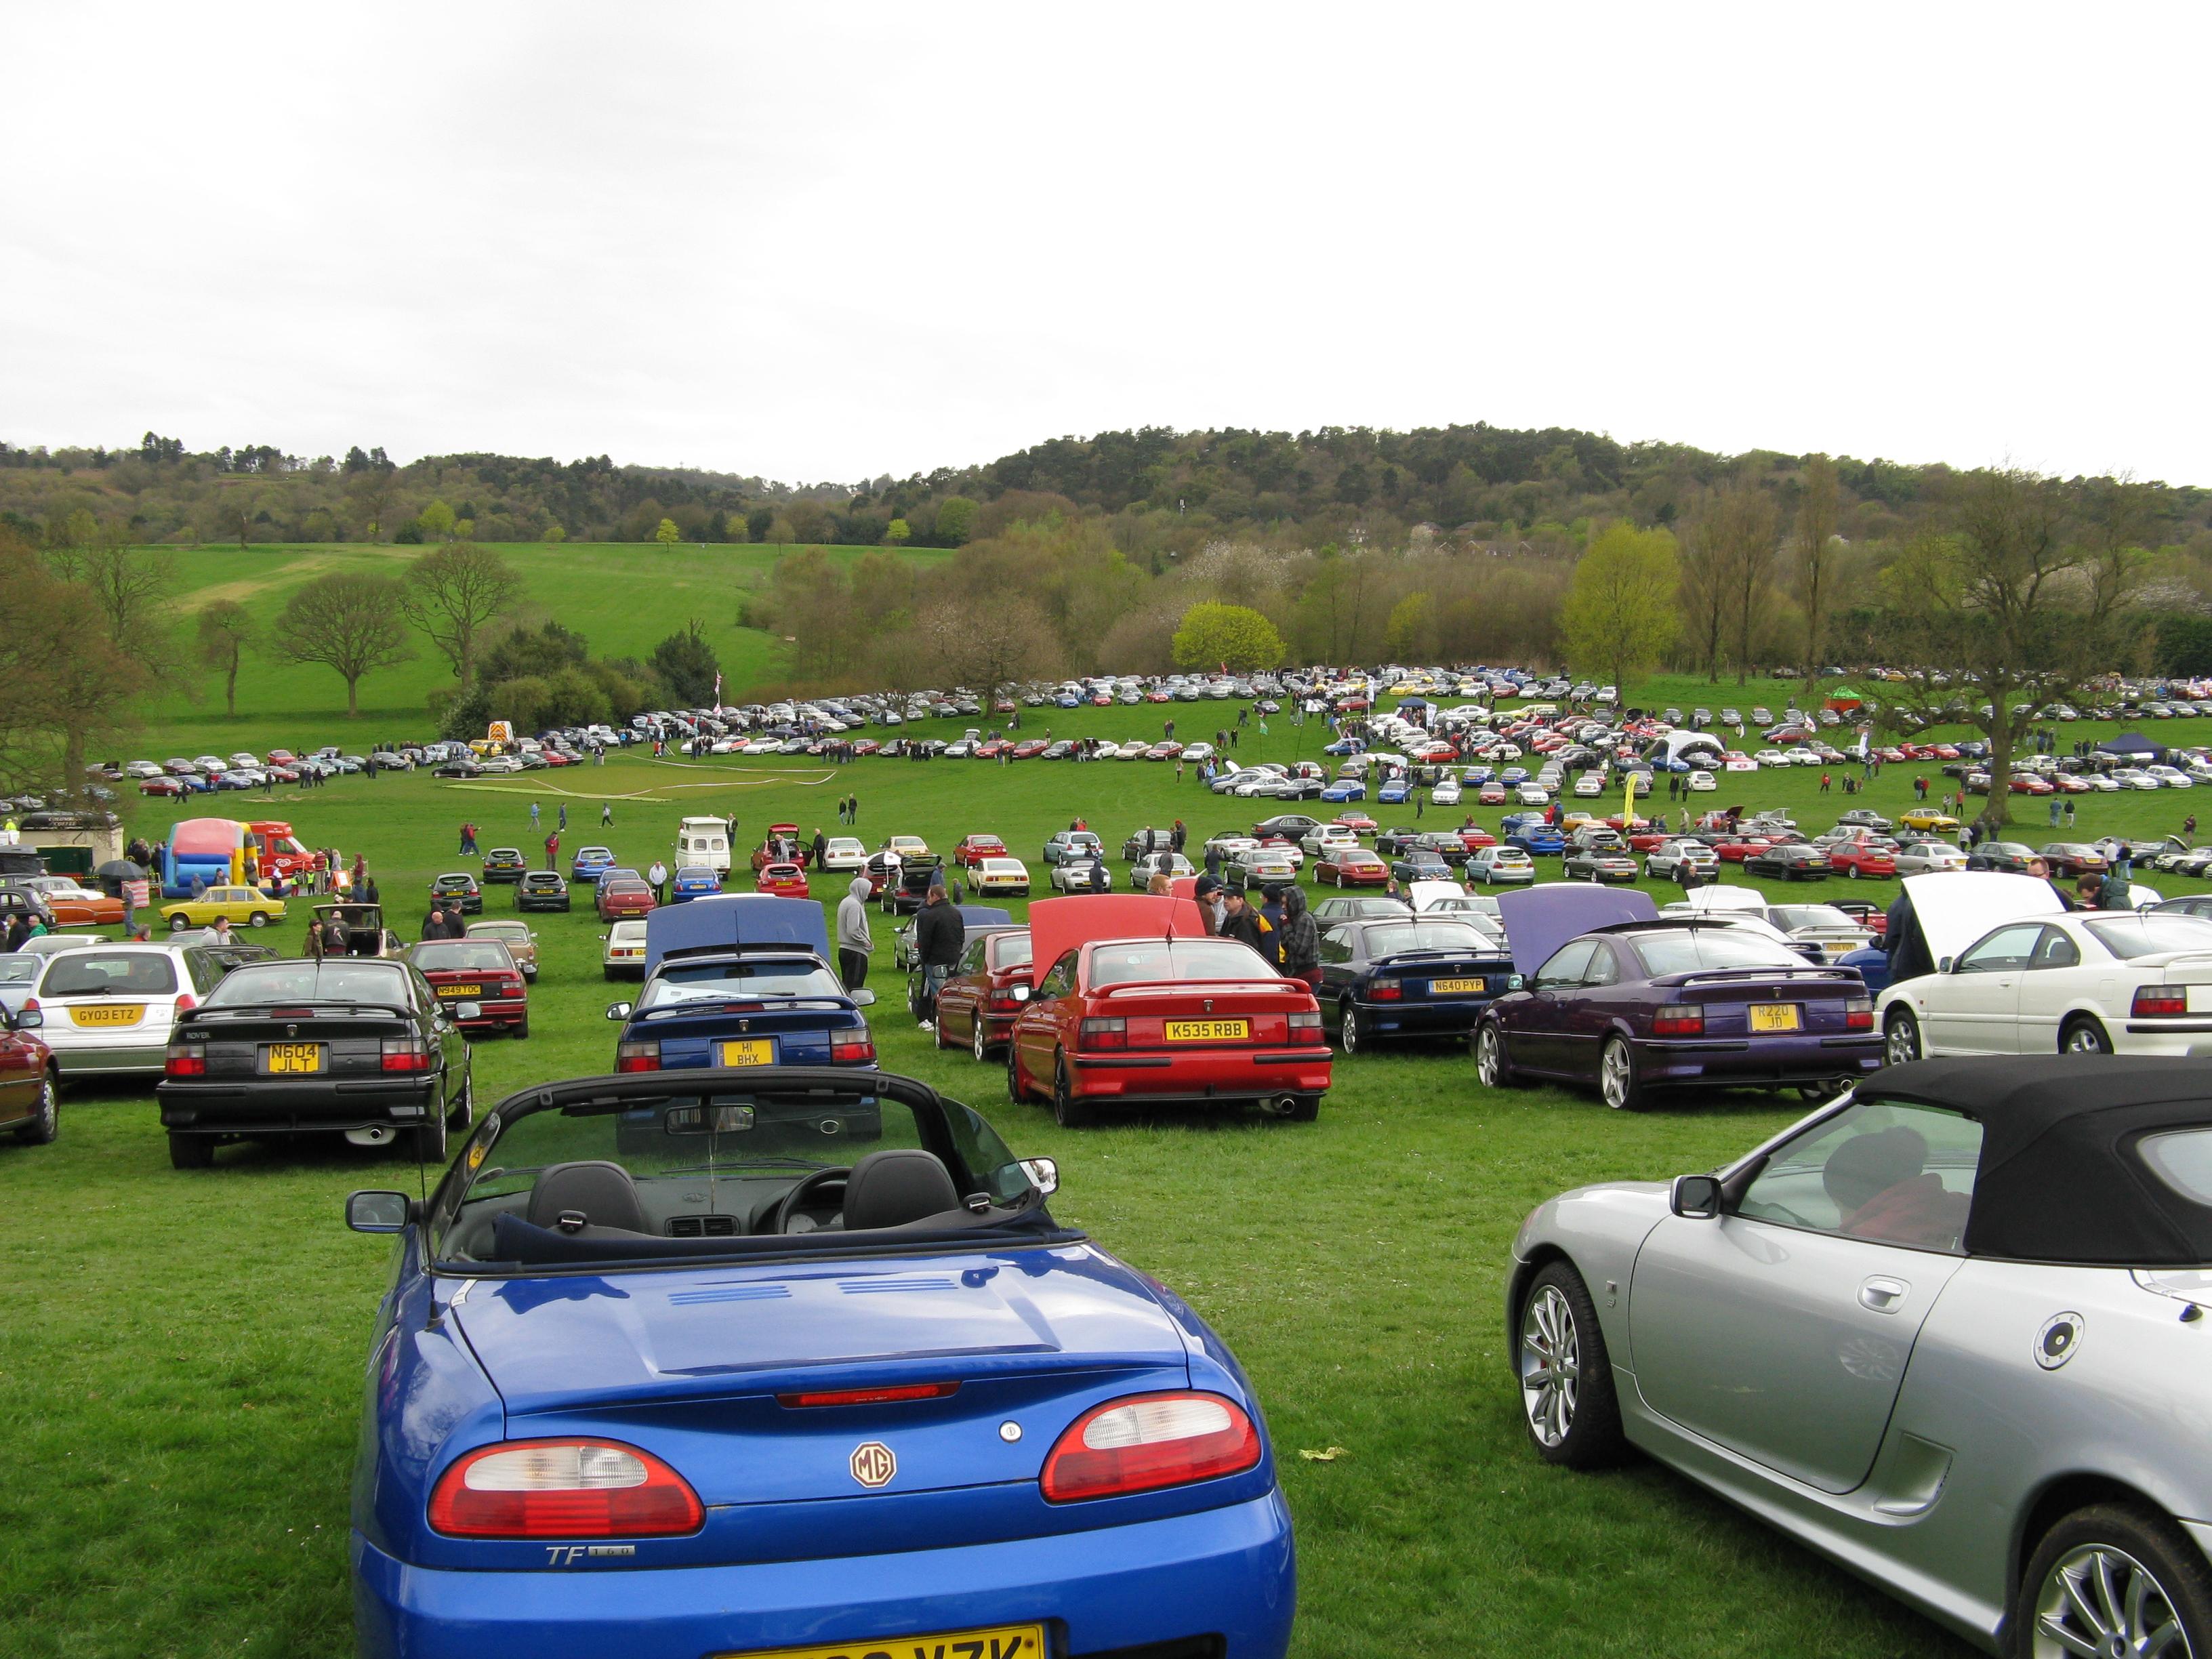 Edition 2015 de Pride of Longbridge, environ 3000 voitures présentes